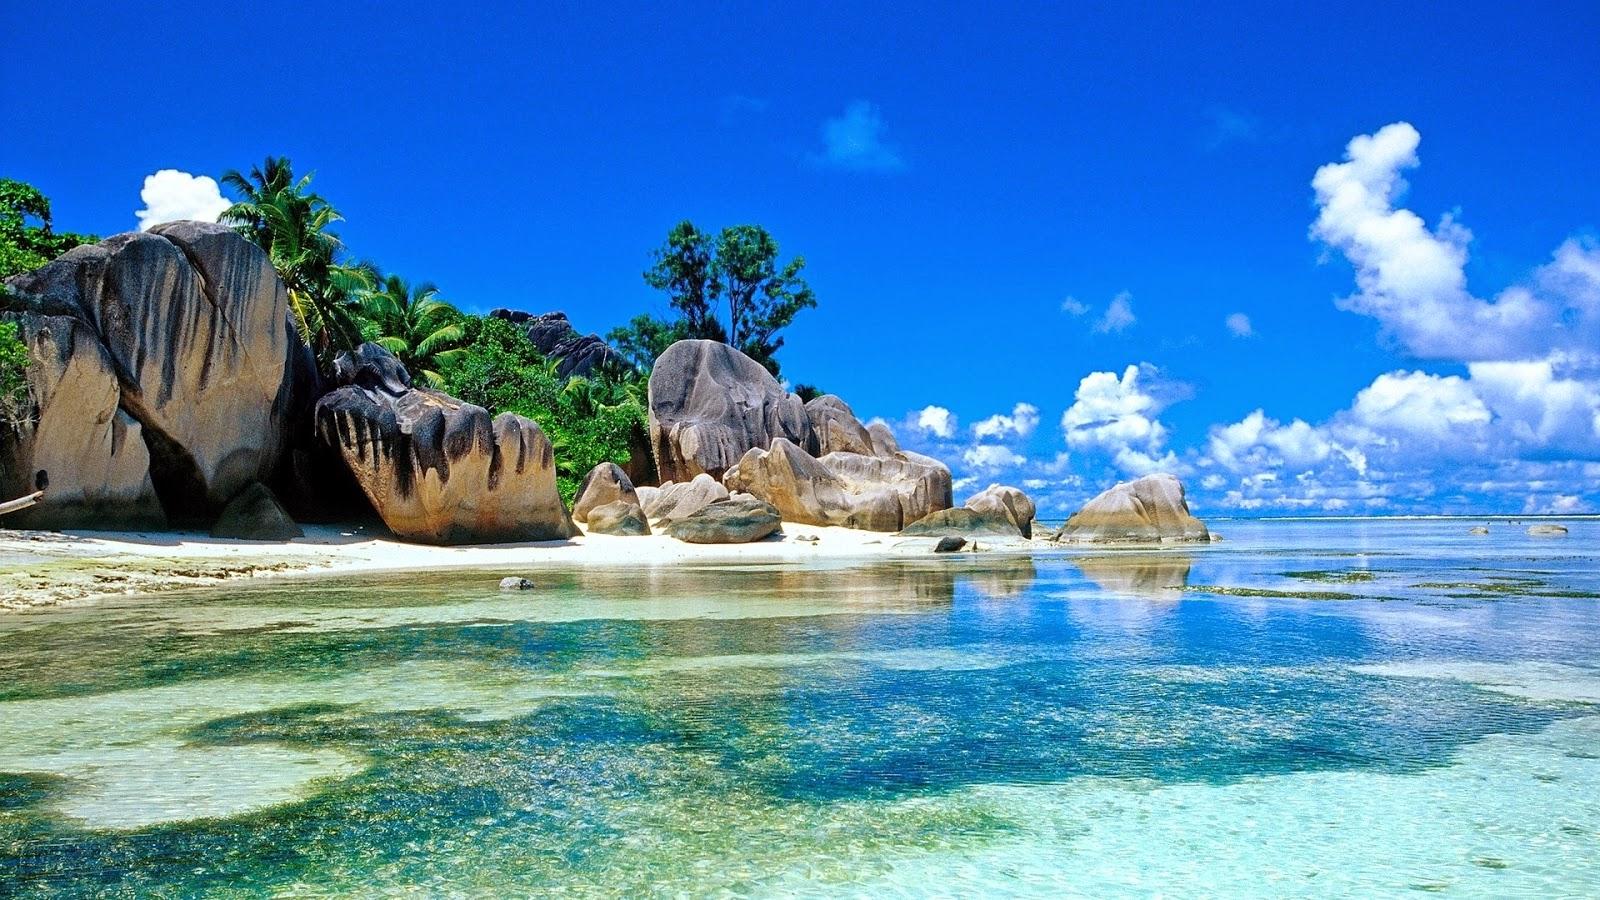 Widescreen-tropiccal-beach-1080p-HD-wallpapers-for-desktop.jpg